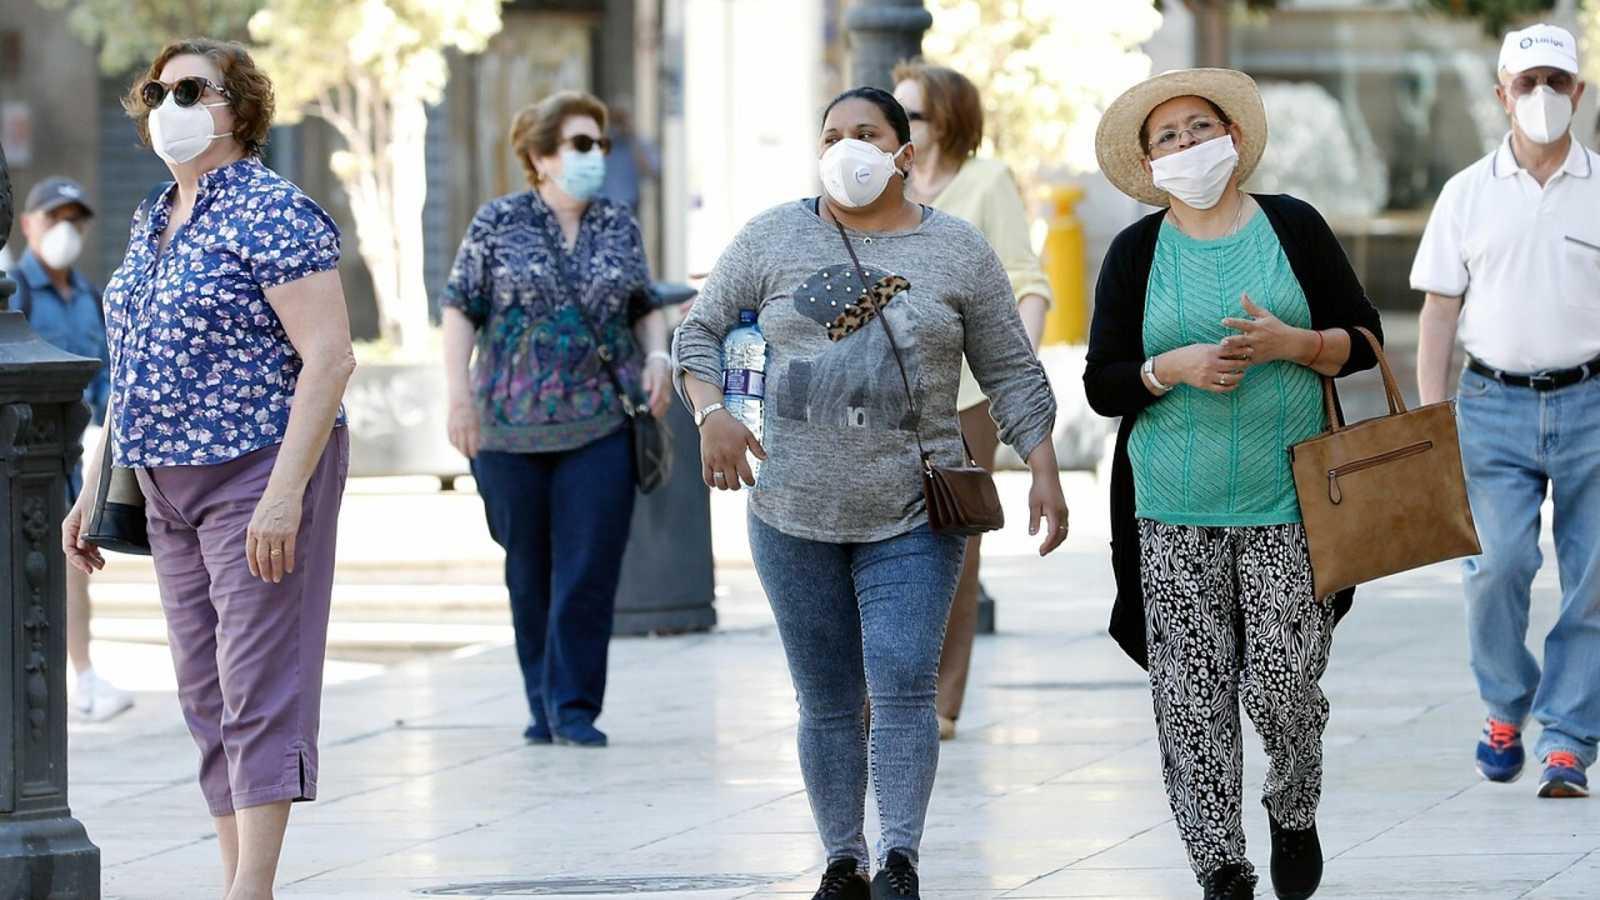 14 horas fin de semana - Flexibilización de paseos o actividad escolar nuevas normas ante la pandemia - Escuchar ahora